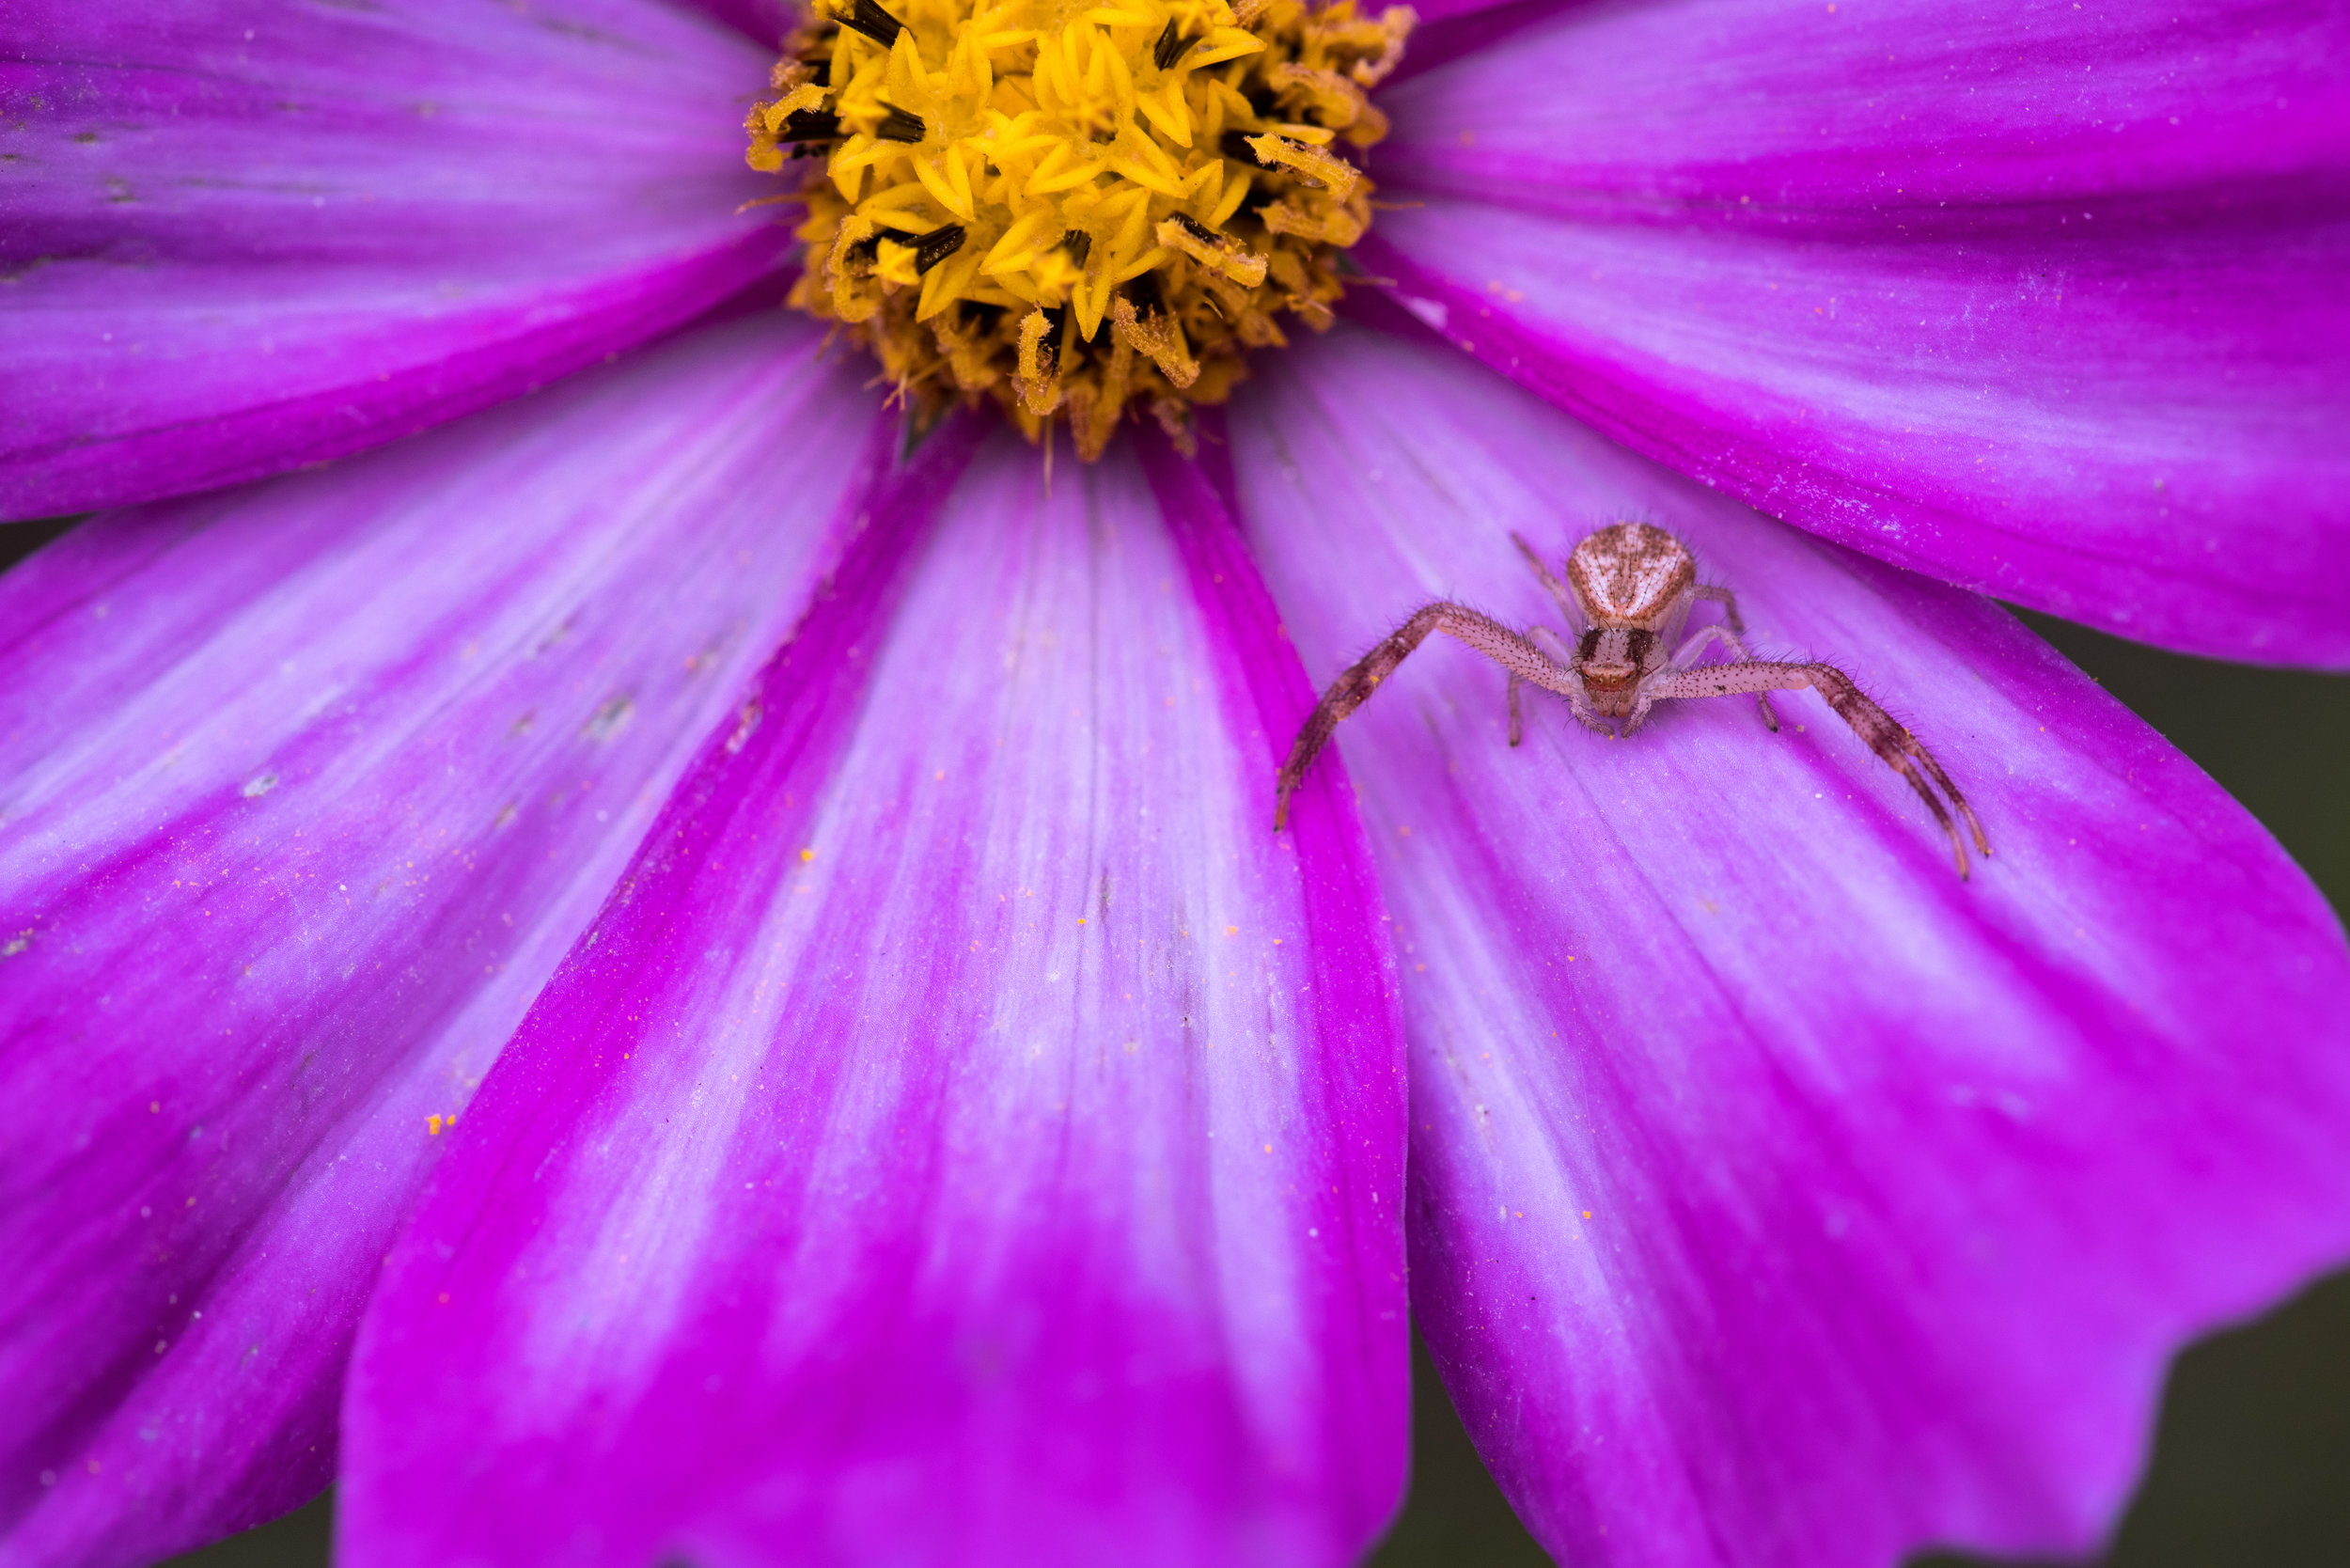 spider_on_flower.jpg